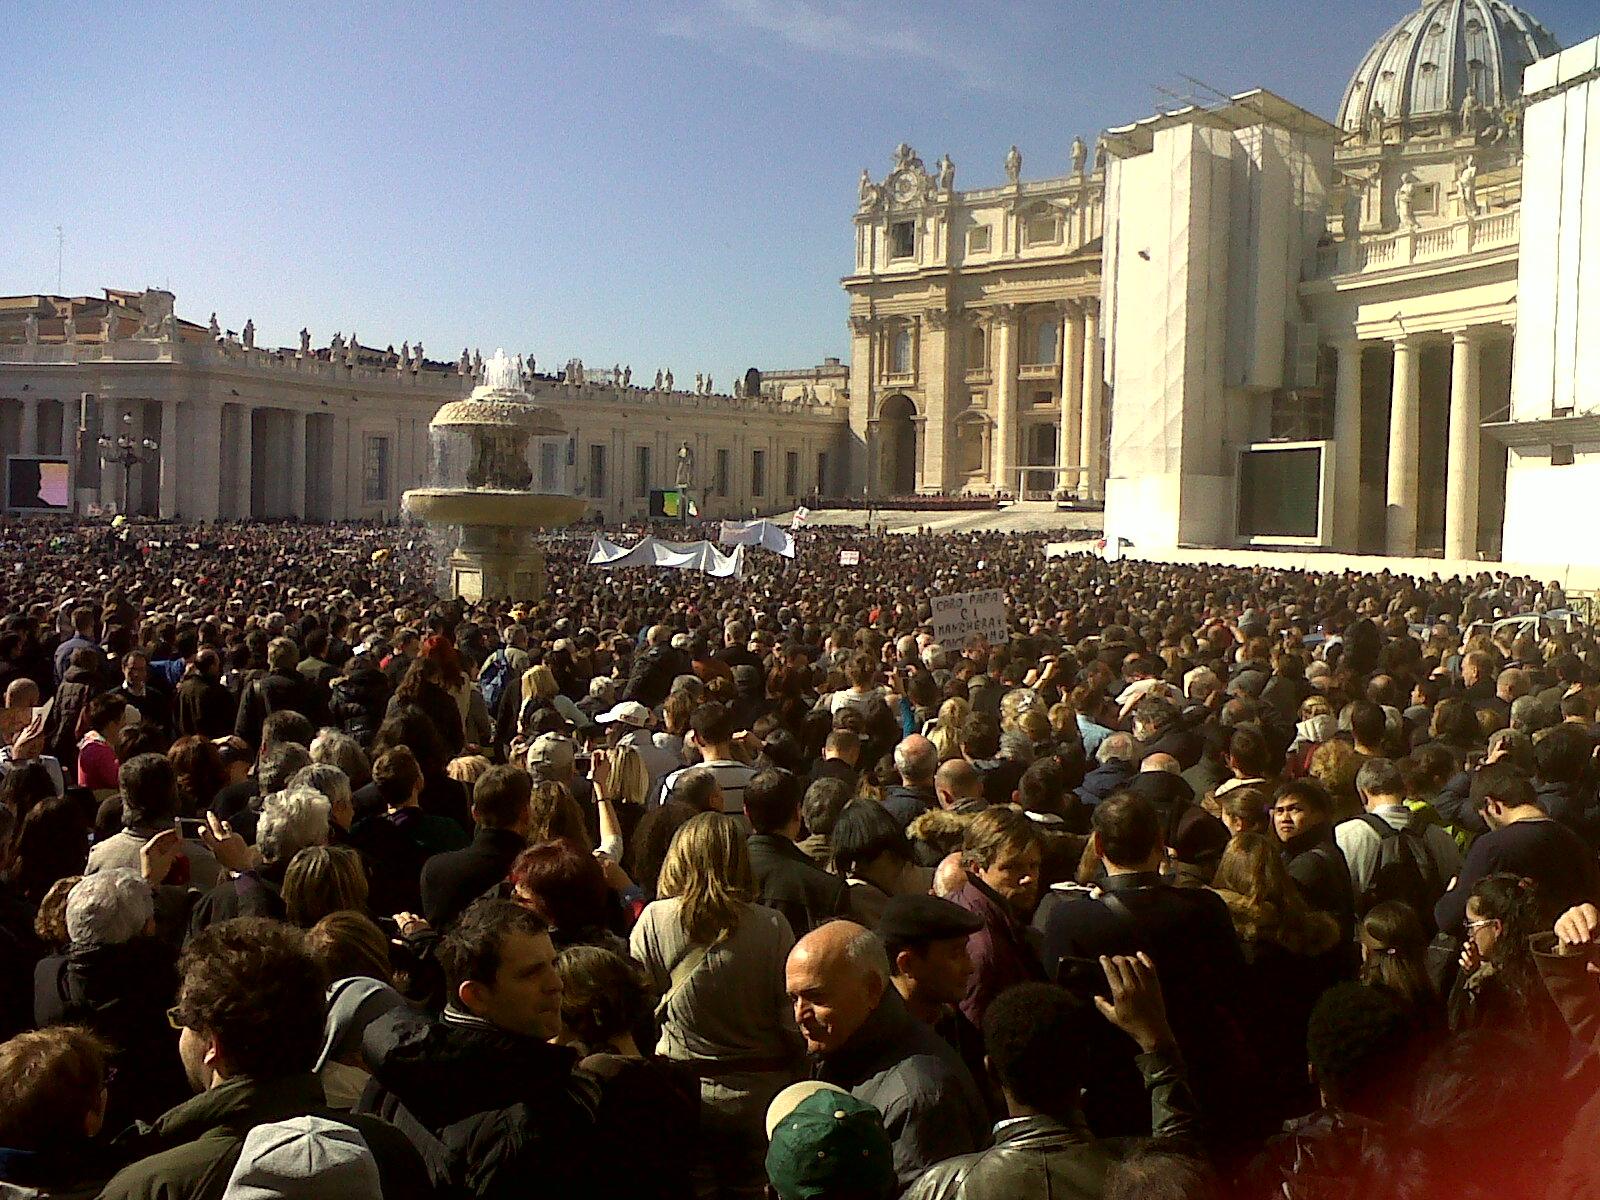 L'ultima volta del Papa a piazza San Pietro, con 200 mila persone